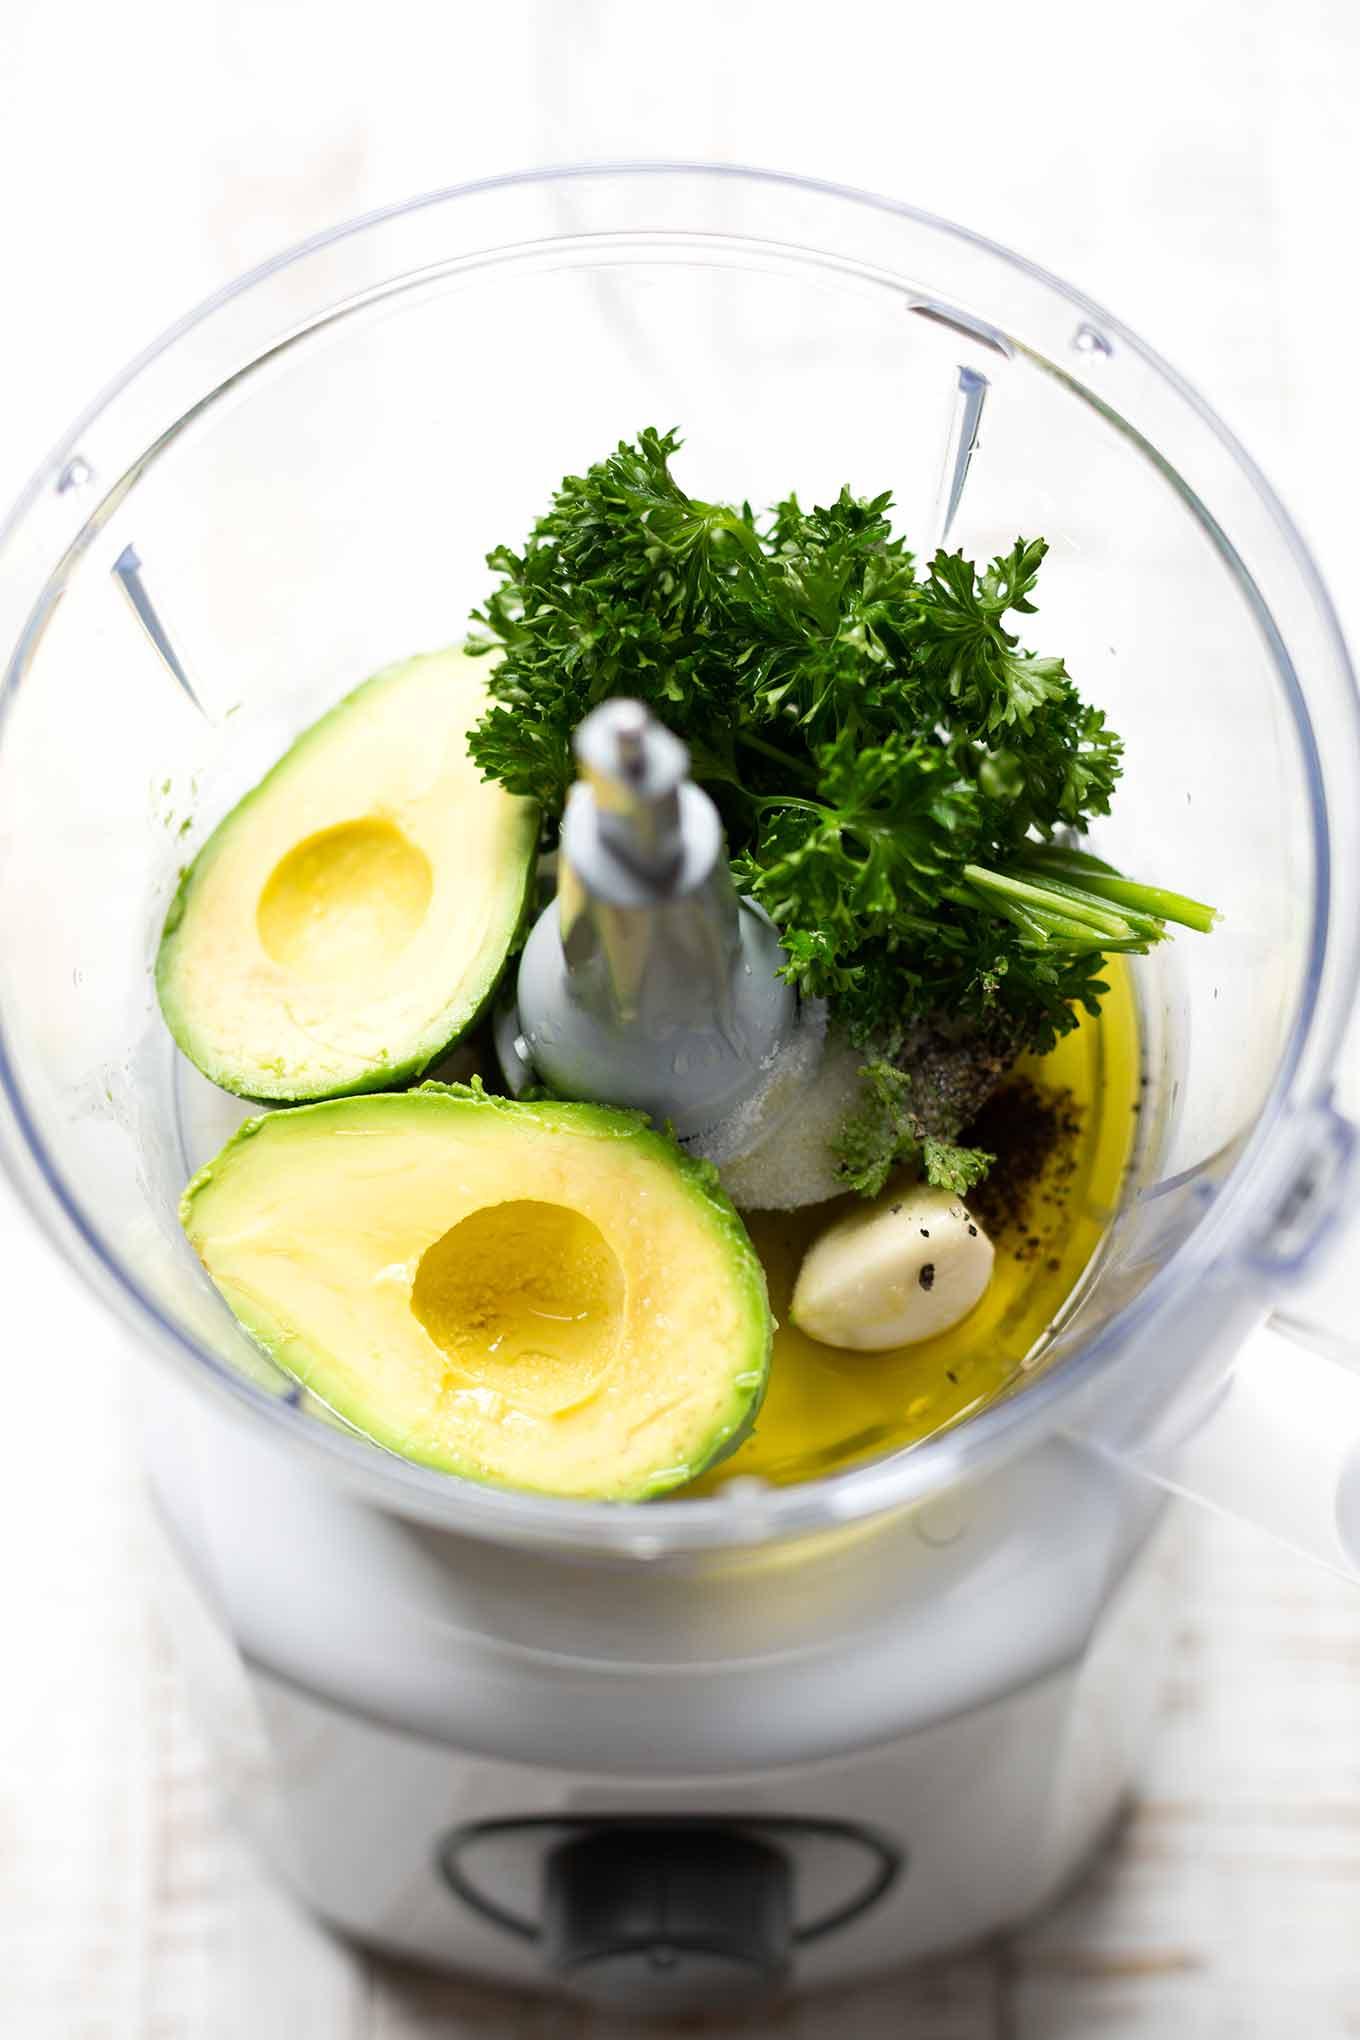 5-Minuten Avocado-Zitronen-Dressing. Dieses schnelle Dressing ist herrlich cremig und SO gut! - Kochkarussell.com #avocado #zitrone #dressing #rezept